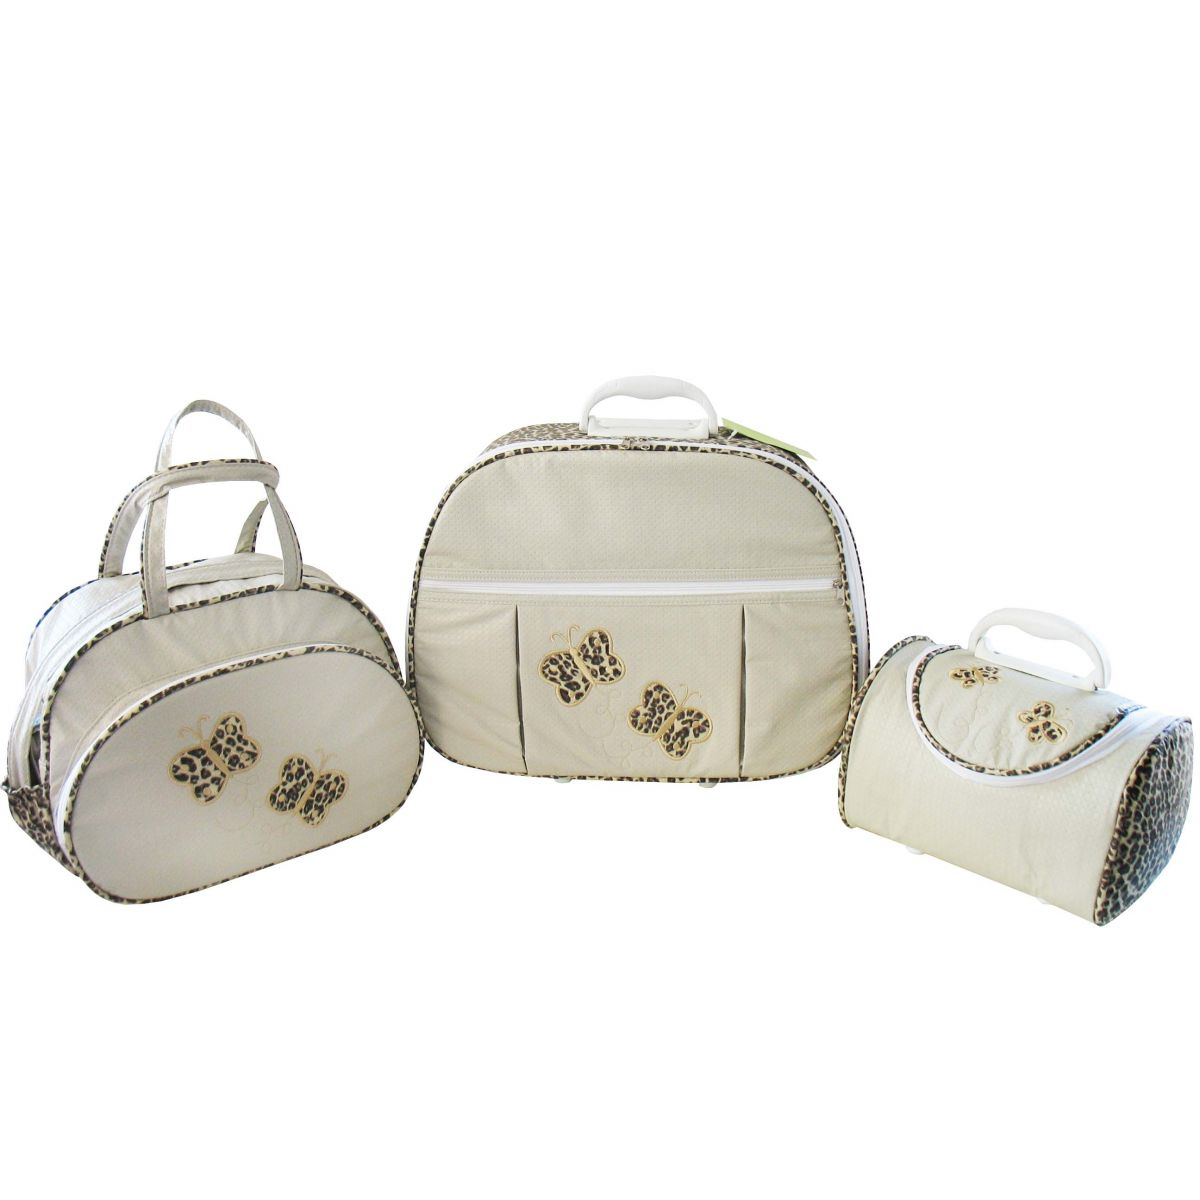 Kit de Bolsa Maternidade Borboleta Palha com Onça 3 peças + Brinde